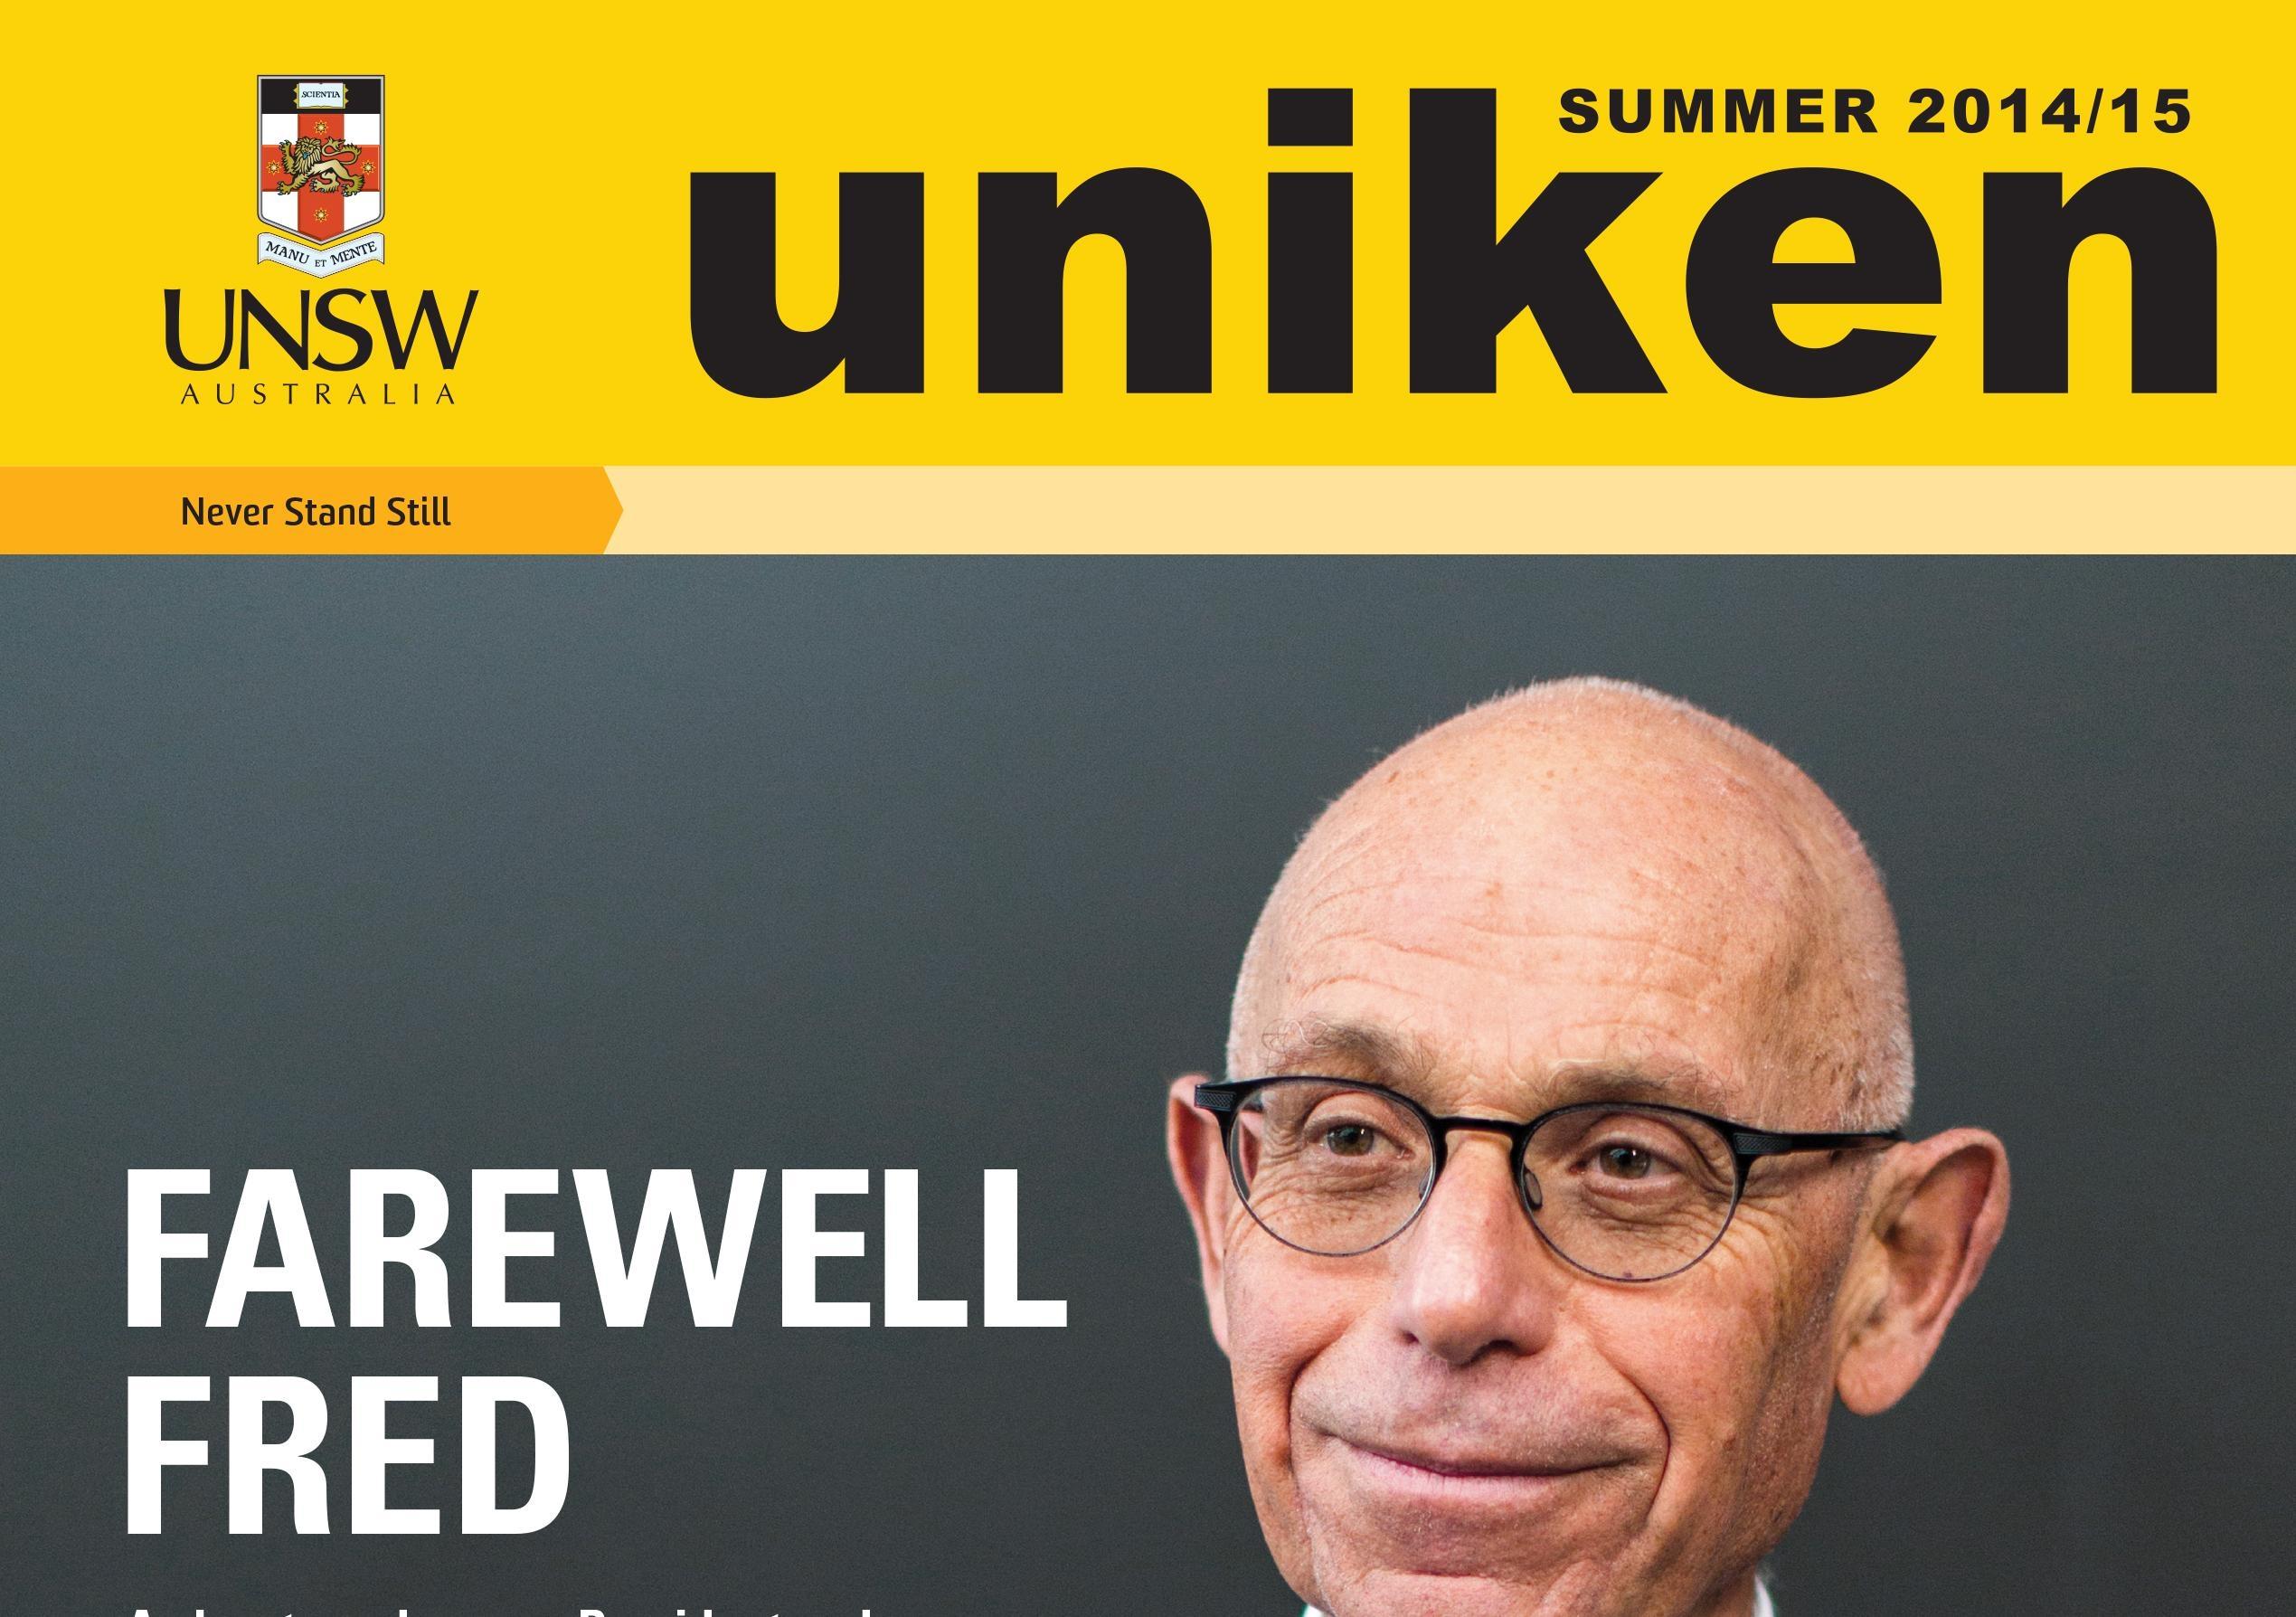 UNS7764 UNIKEN Summer 2014 COVER CMYK HR 1 0